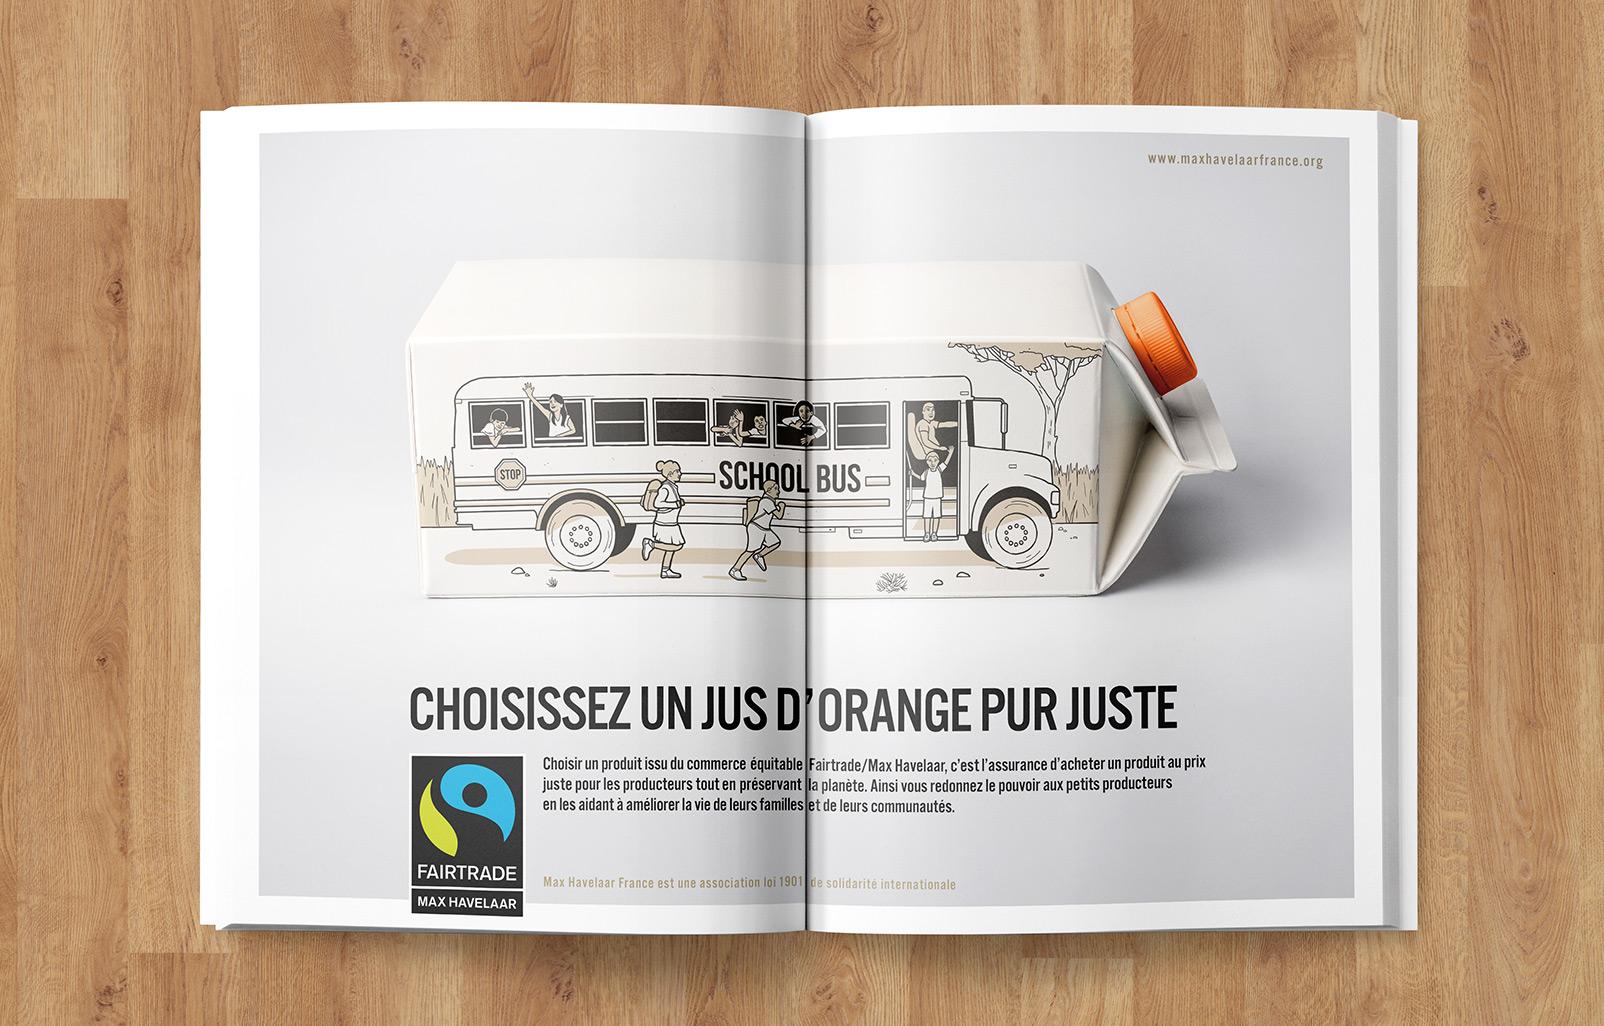 Fairtrade Max Havelaar brique jus d'orange publicité presse Notchup